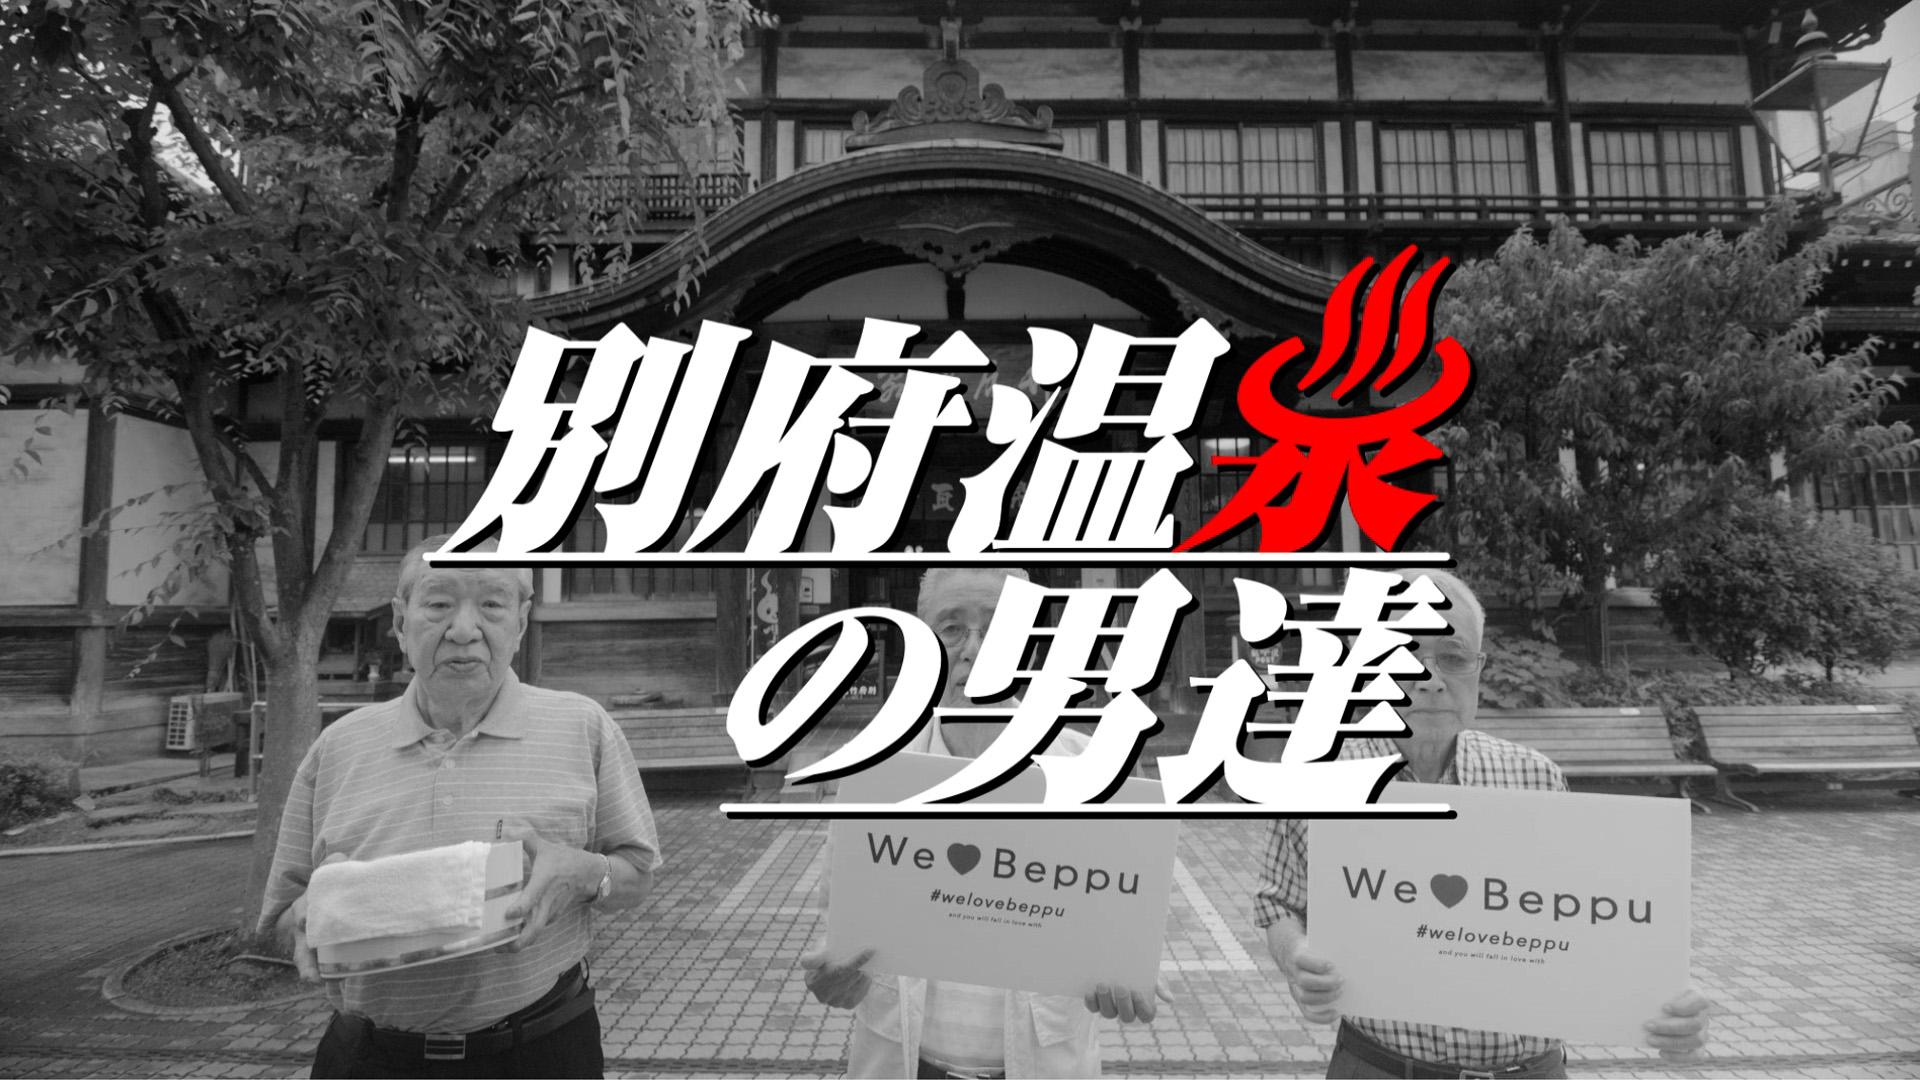 【ニュース】アワードセレモニー開催!アカデミー賞短編部門につながるグランプリ